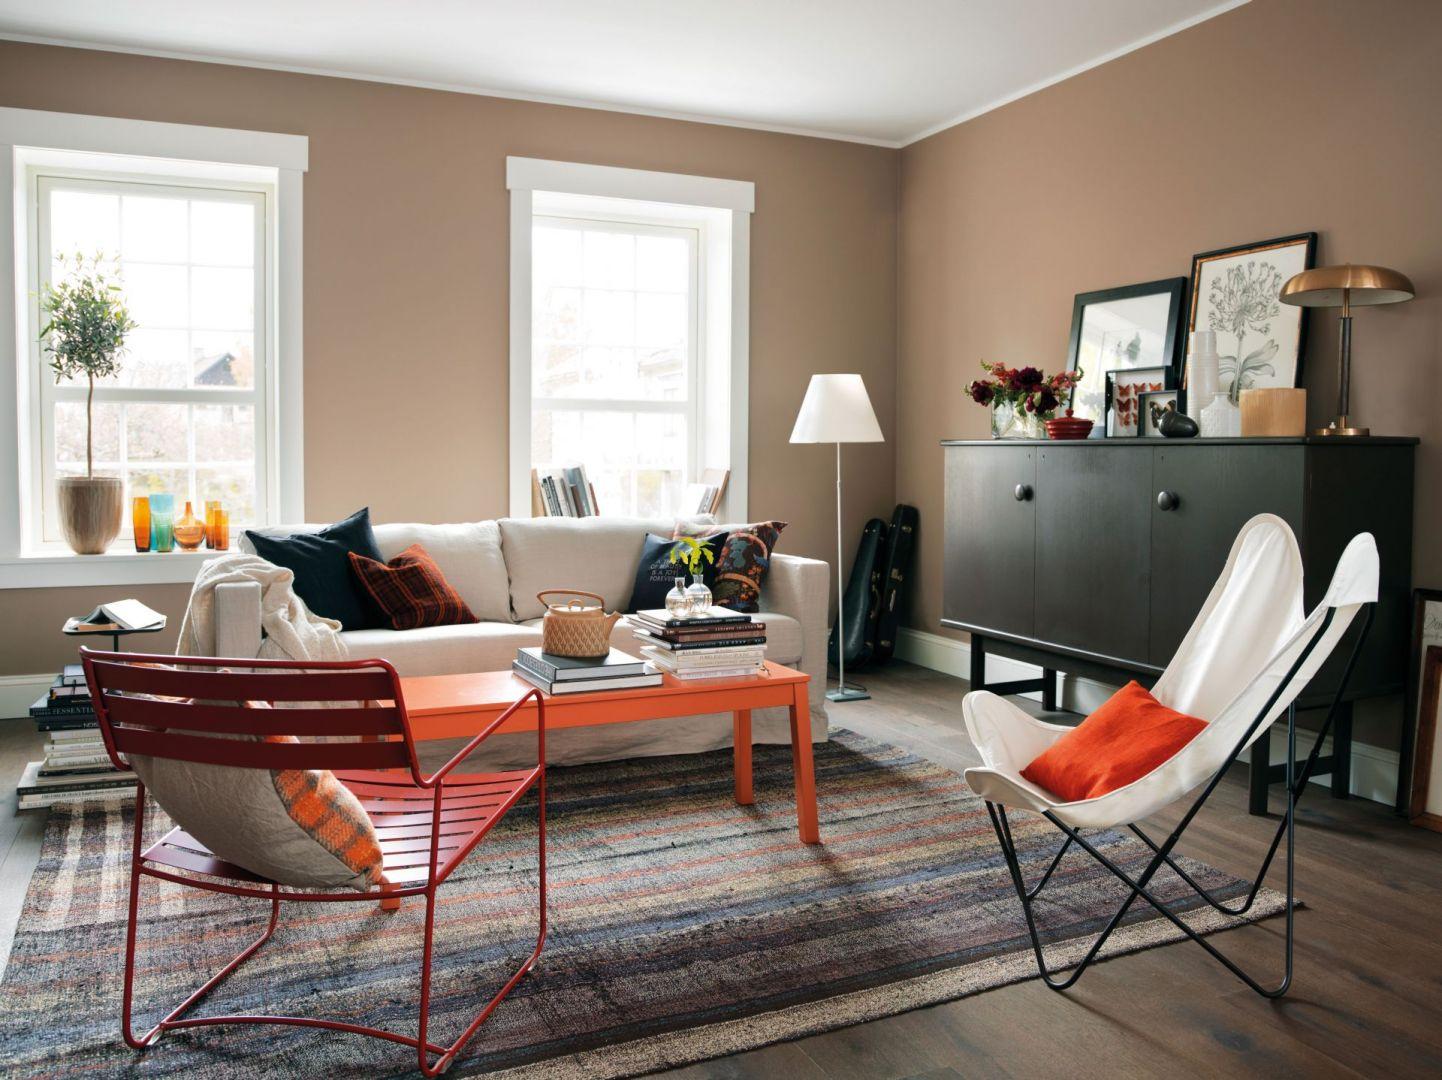 W przytulnym i nastrojowym salonie sprawdzą się ciepłe kolory na ścianach. Fot. Beckers